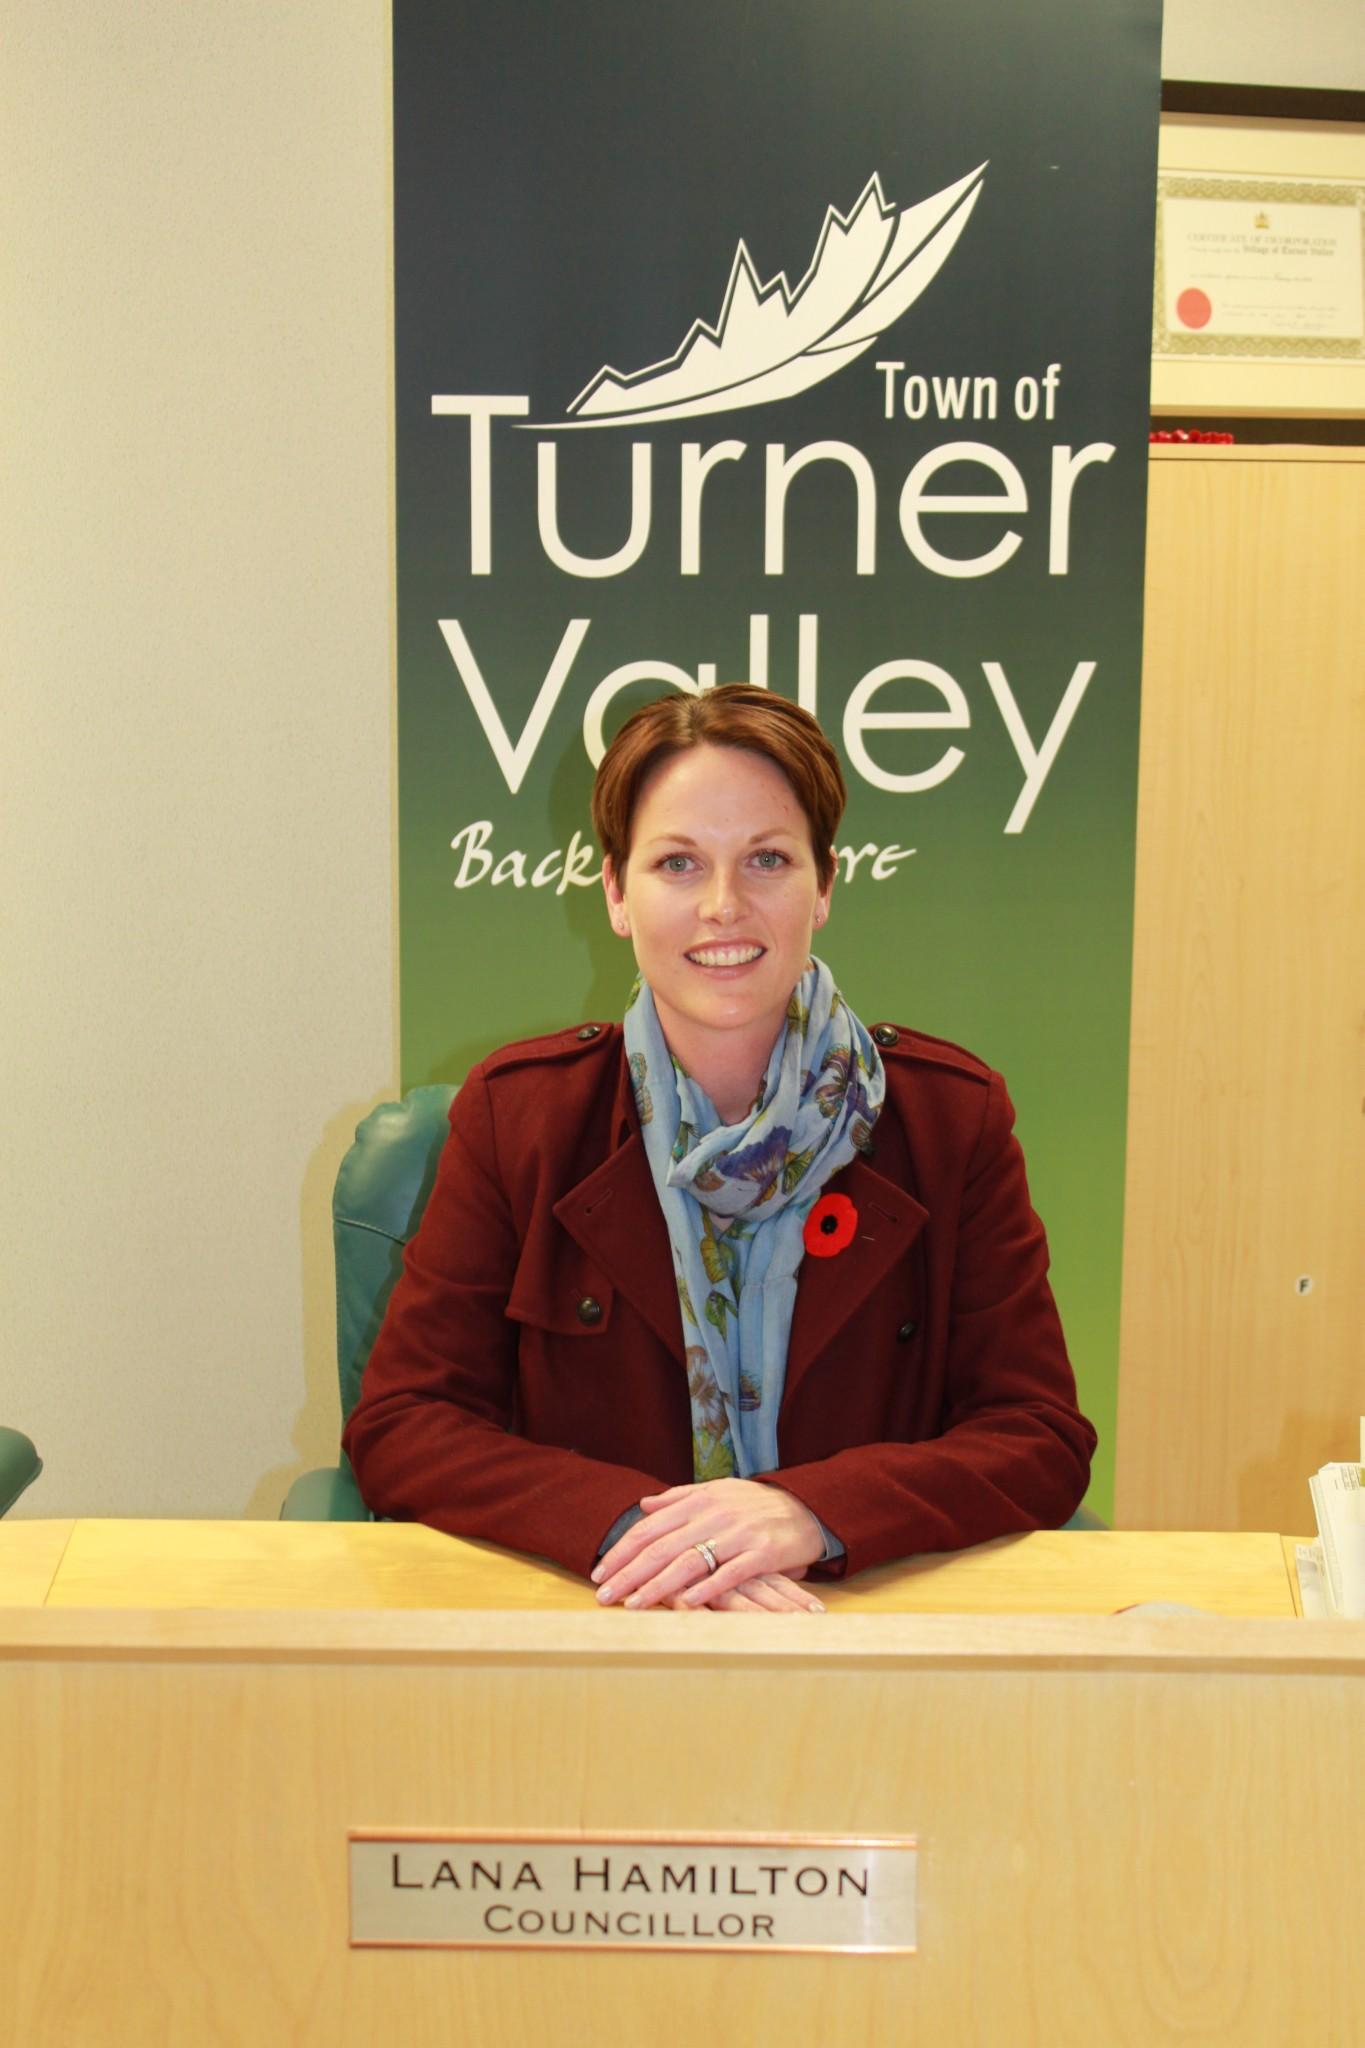 Councillor Lana Hamilton